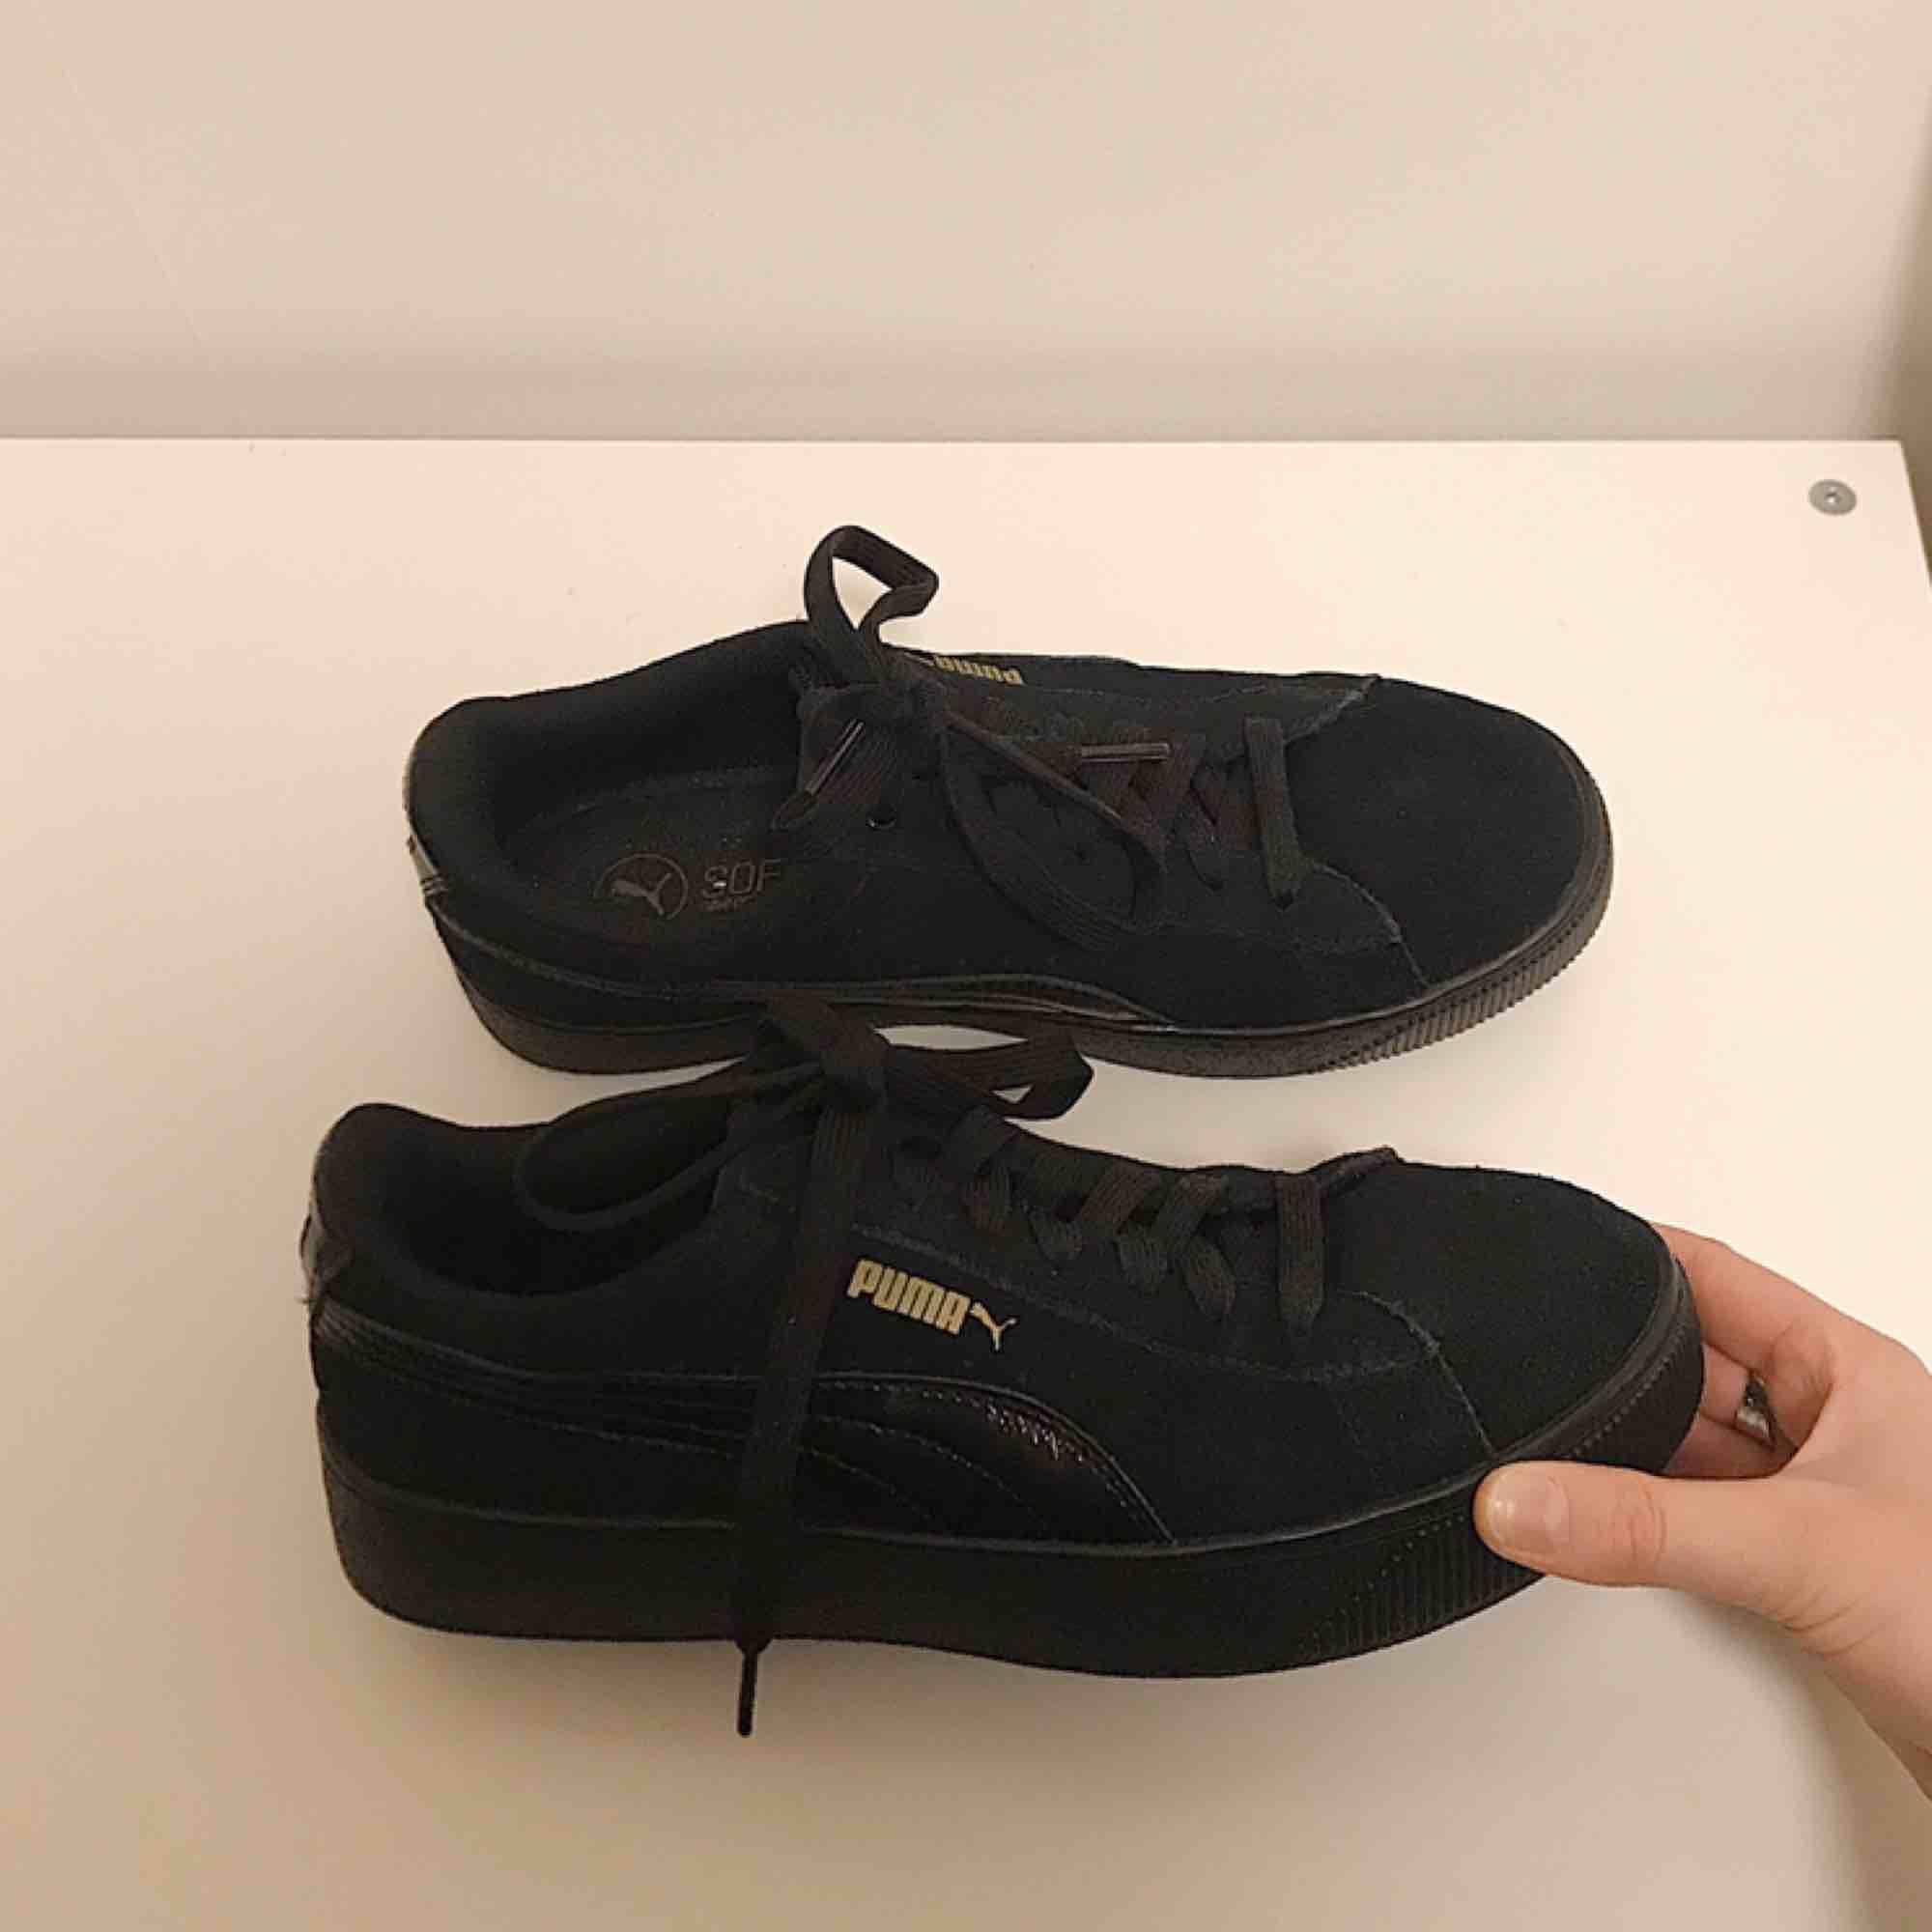 Säljer ett par otroligt snygga skor ifrån puma✨ säljer pågrund av att de tyvärr är för stora för mig:(, nyskick! Frakt tillkommer👼🏼. Skor.